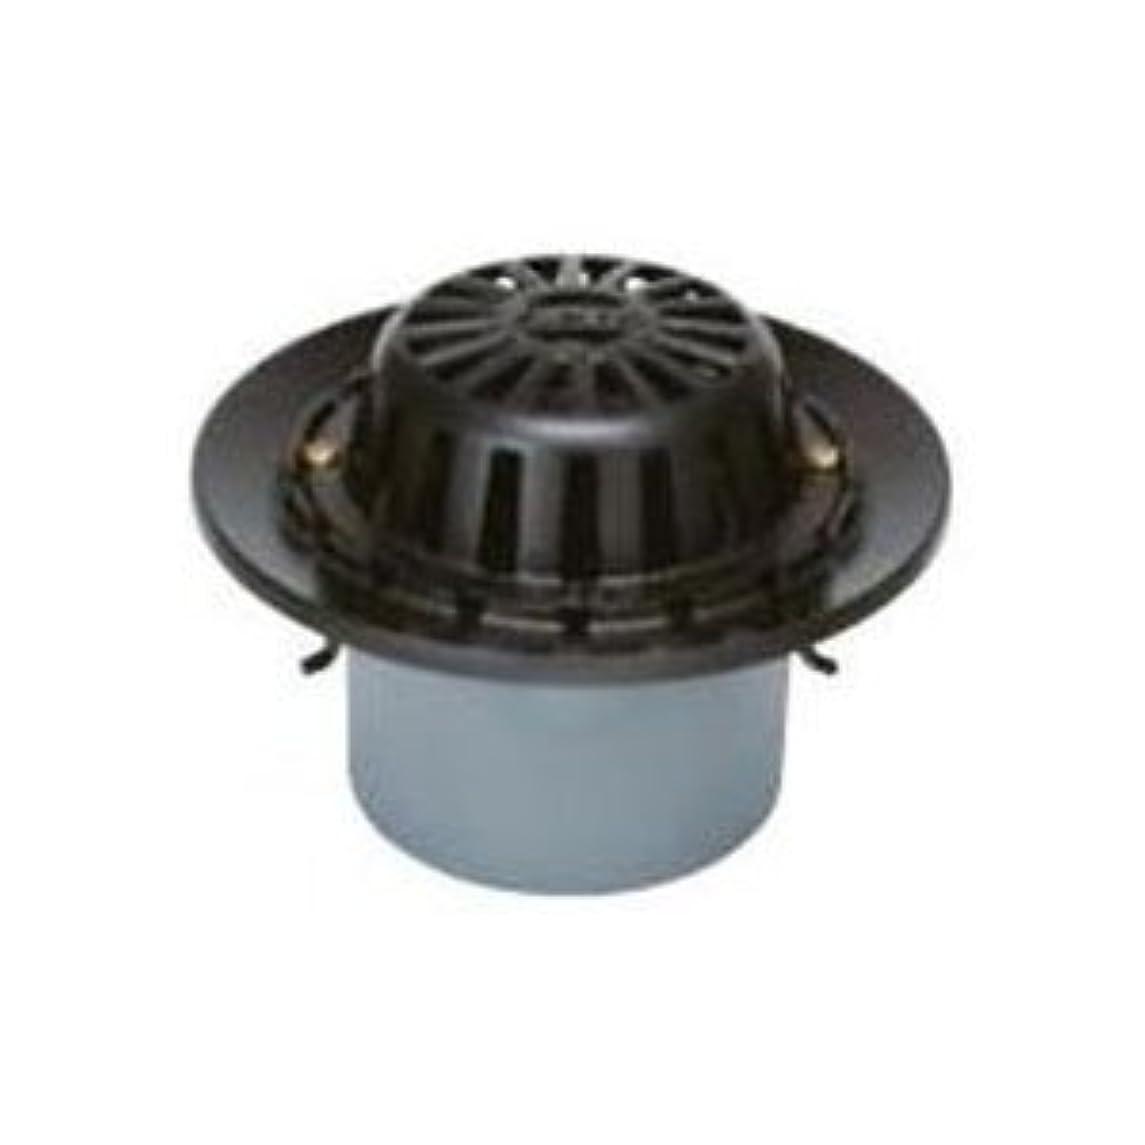 大気権利を与える寝具カネソウ 鋳鉄製ルーフドレイン たて引き用 打込型 バルコニー 庇?屋上用(呼称100) WMR-1-100